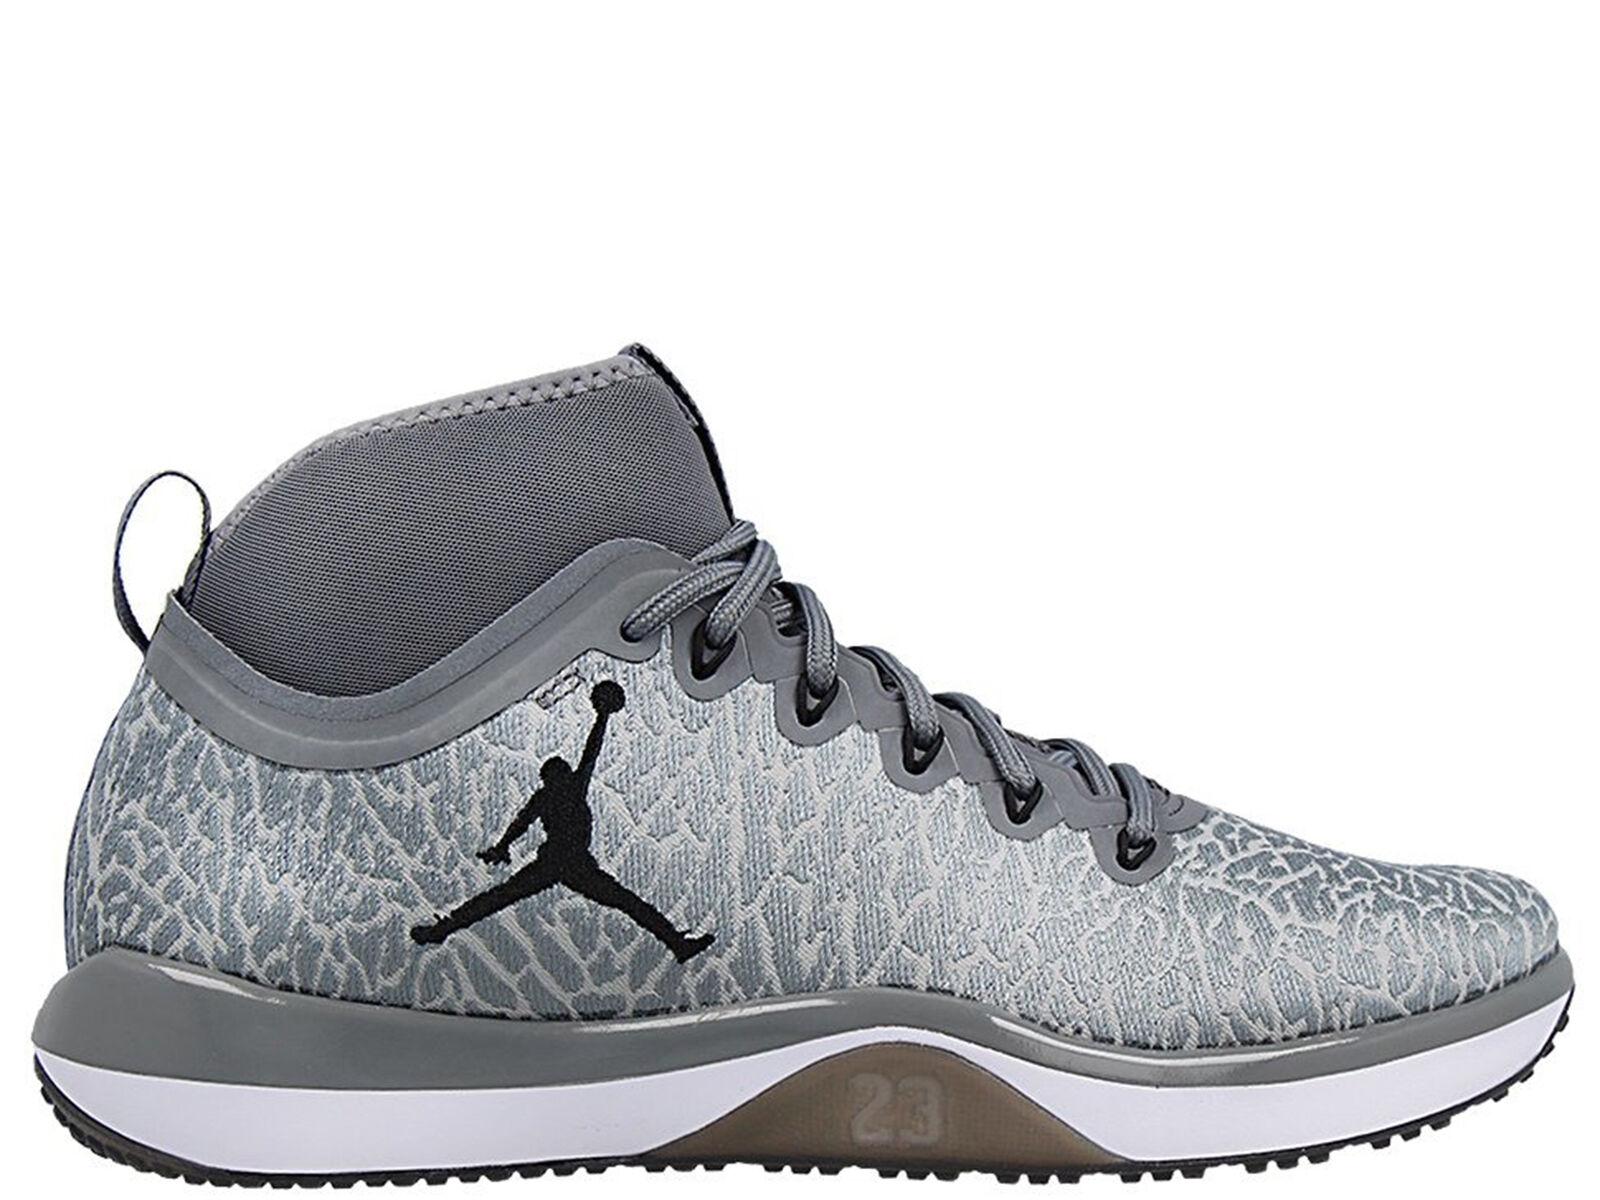 new jordan sneakers